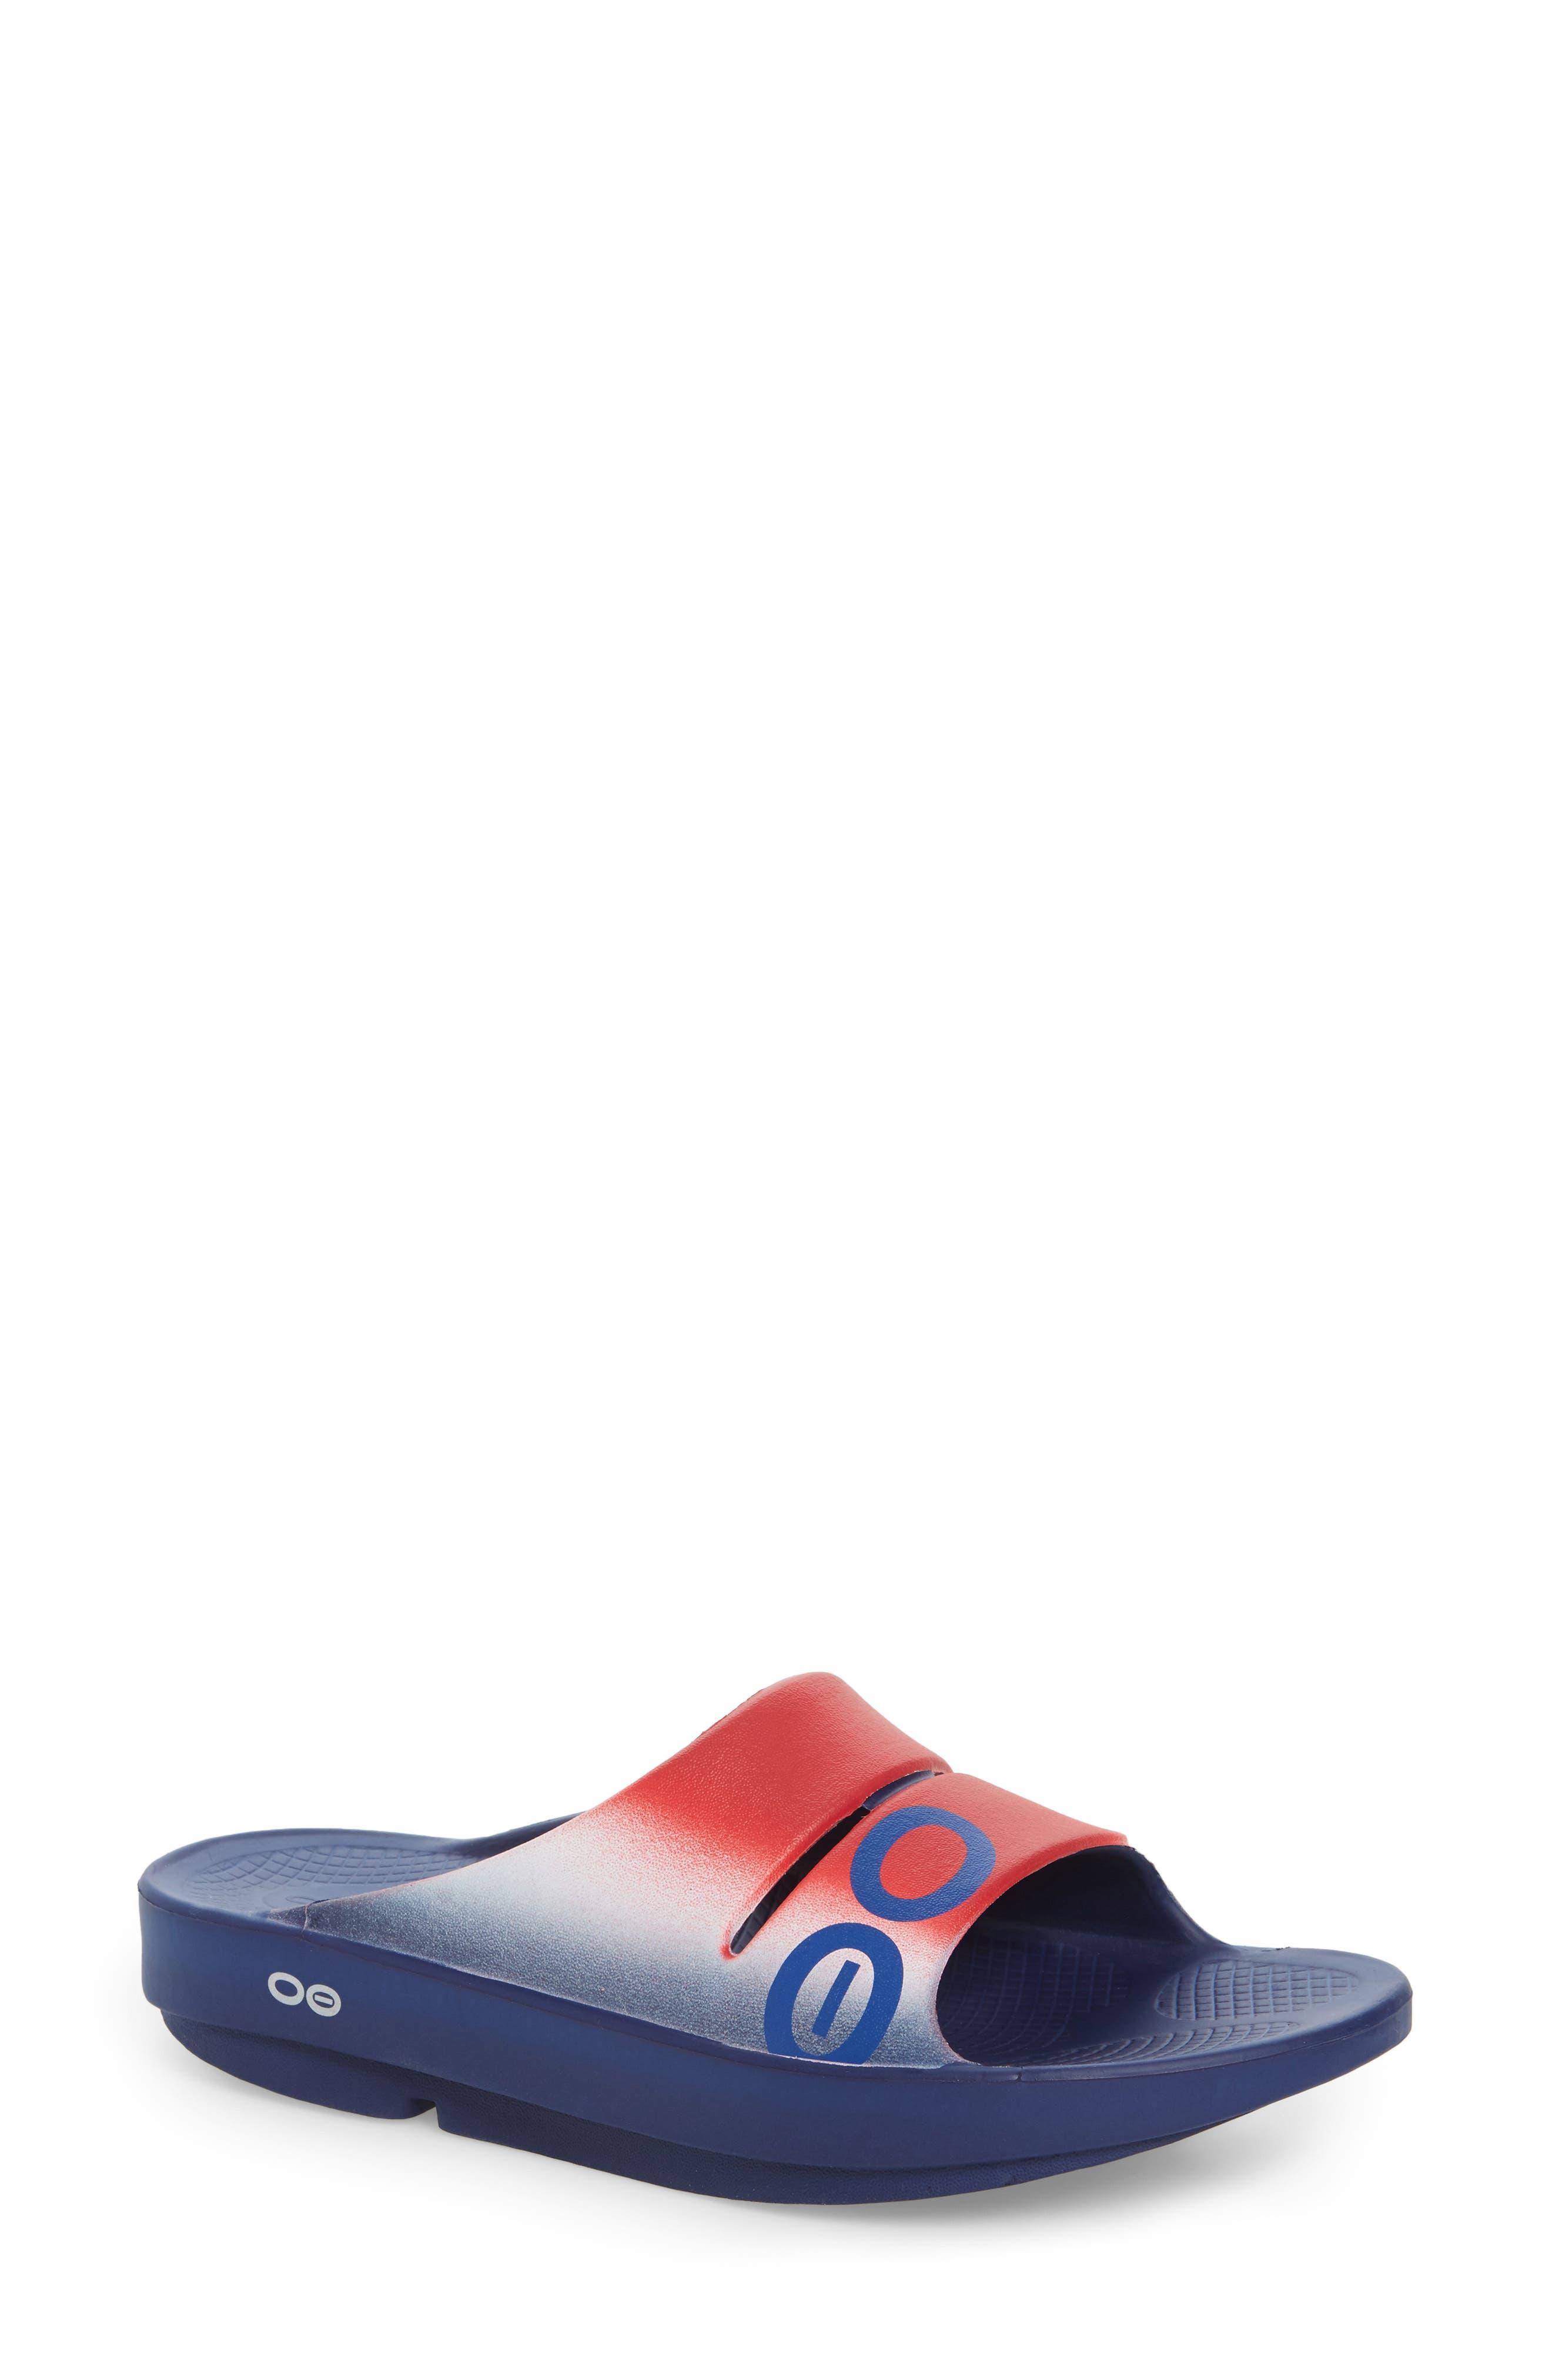 Oofos OOahh Sport Slide Sandal (Women)